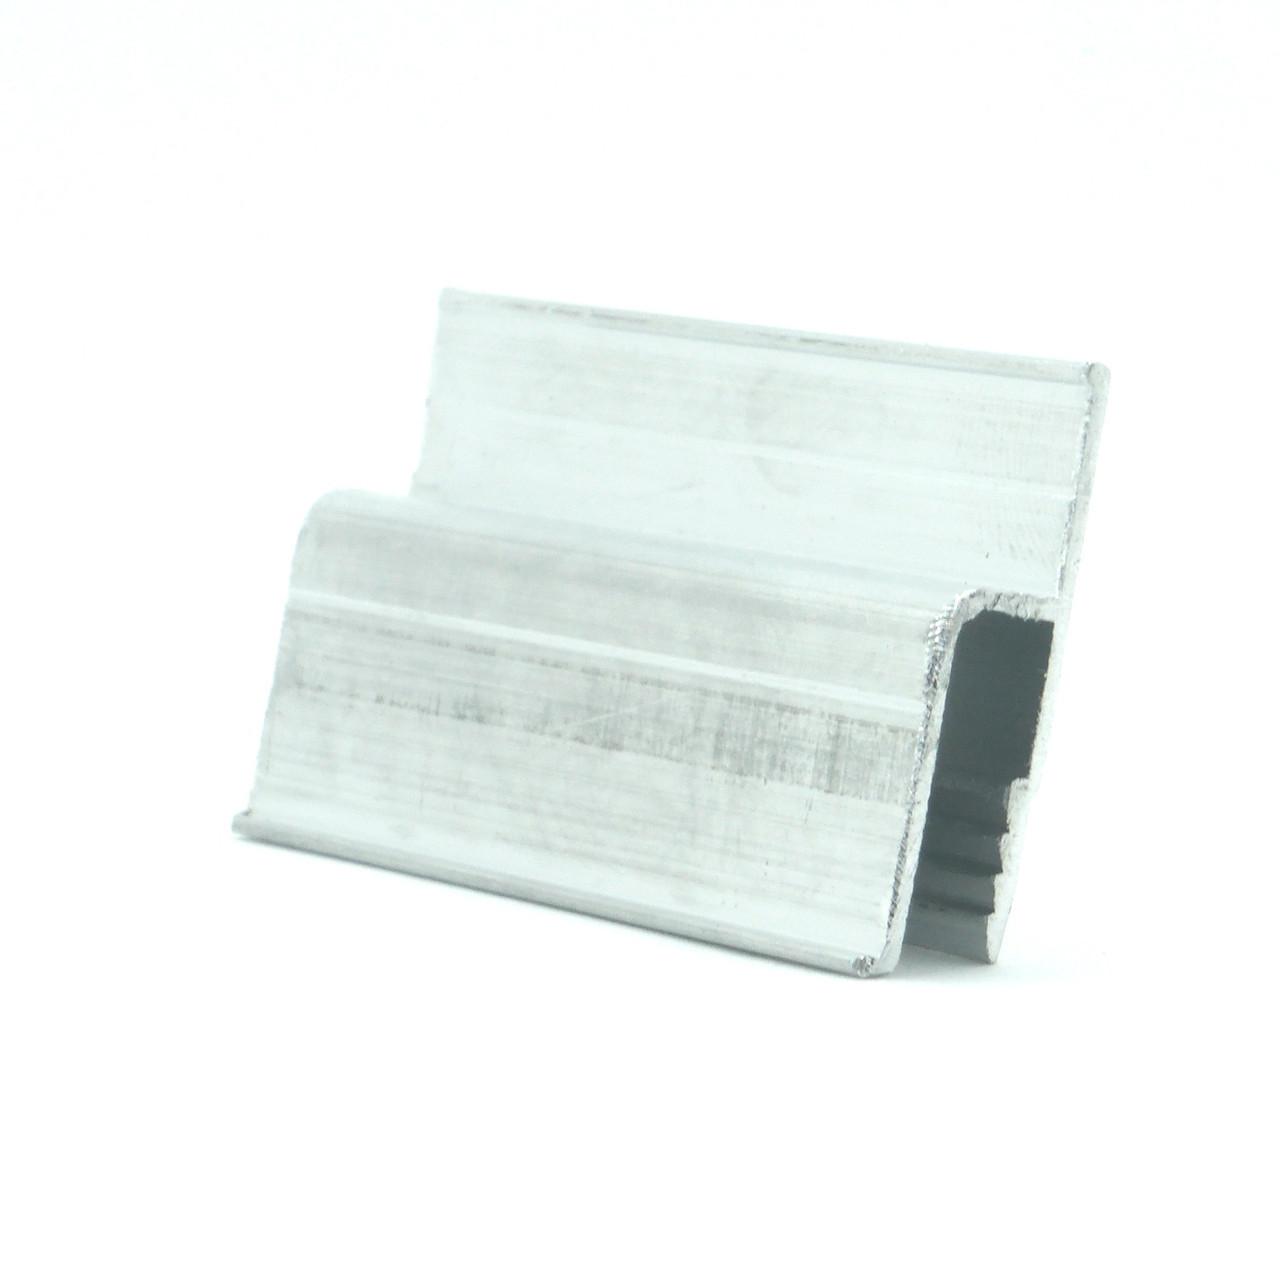 Профиль алюминиевый - h-образный, облегчённый. Длина профиля 2,5 м.